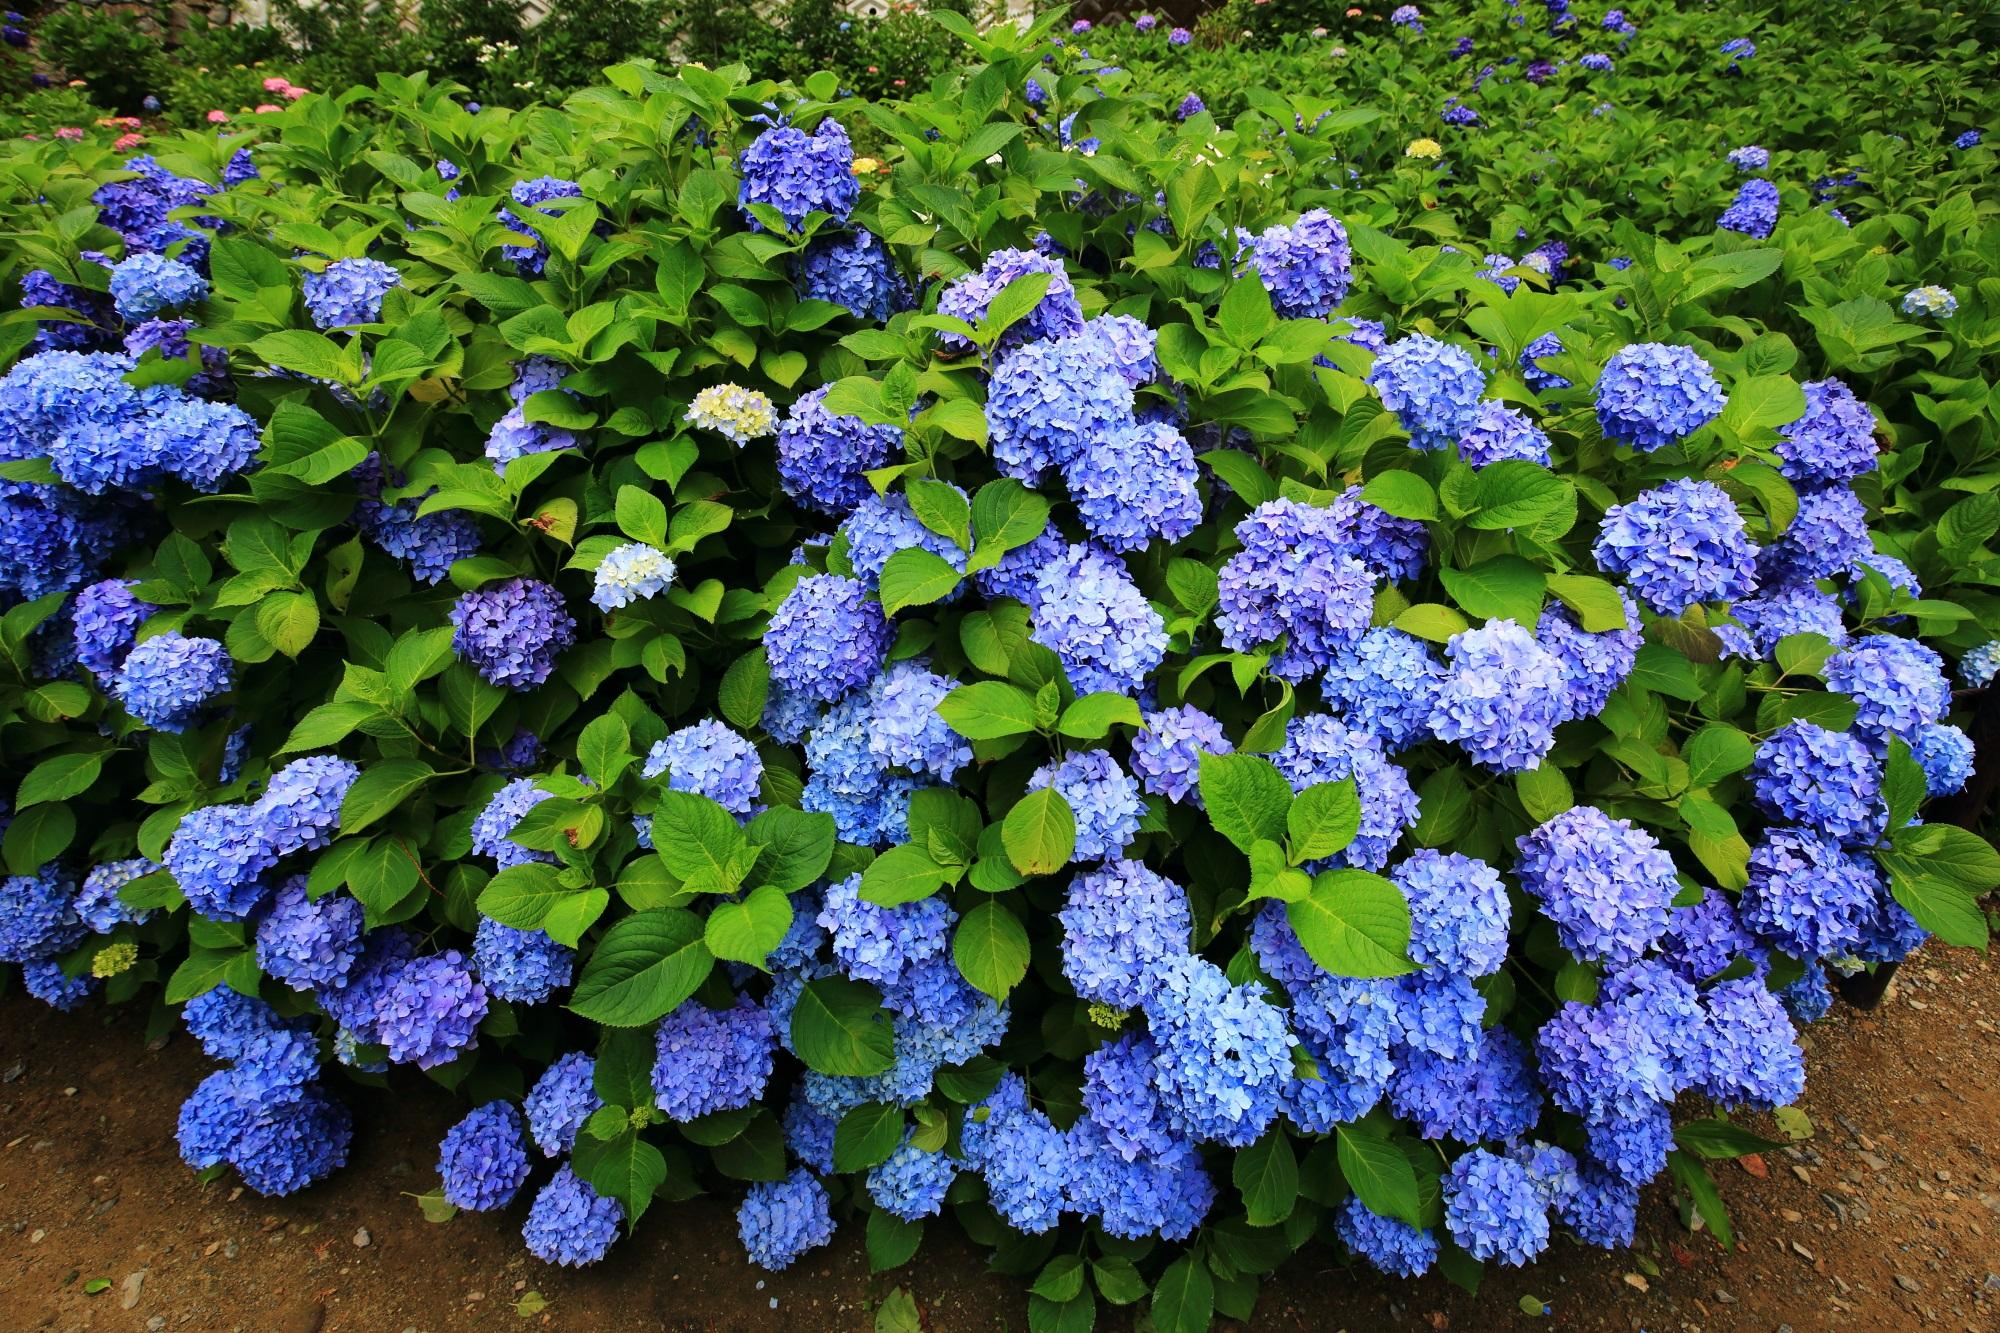 三室戸寺の弾けんばかりに豪快に咲き乱れる紫陽花